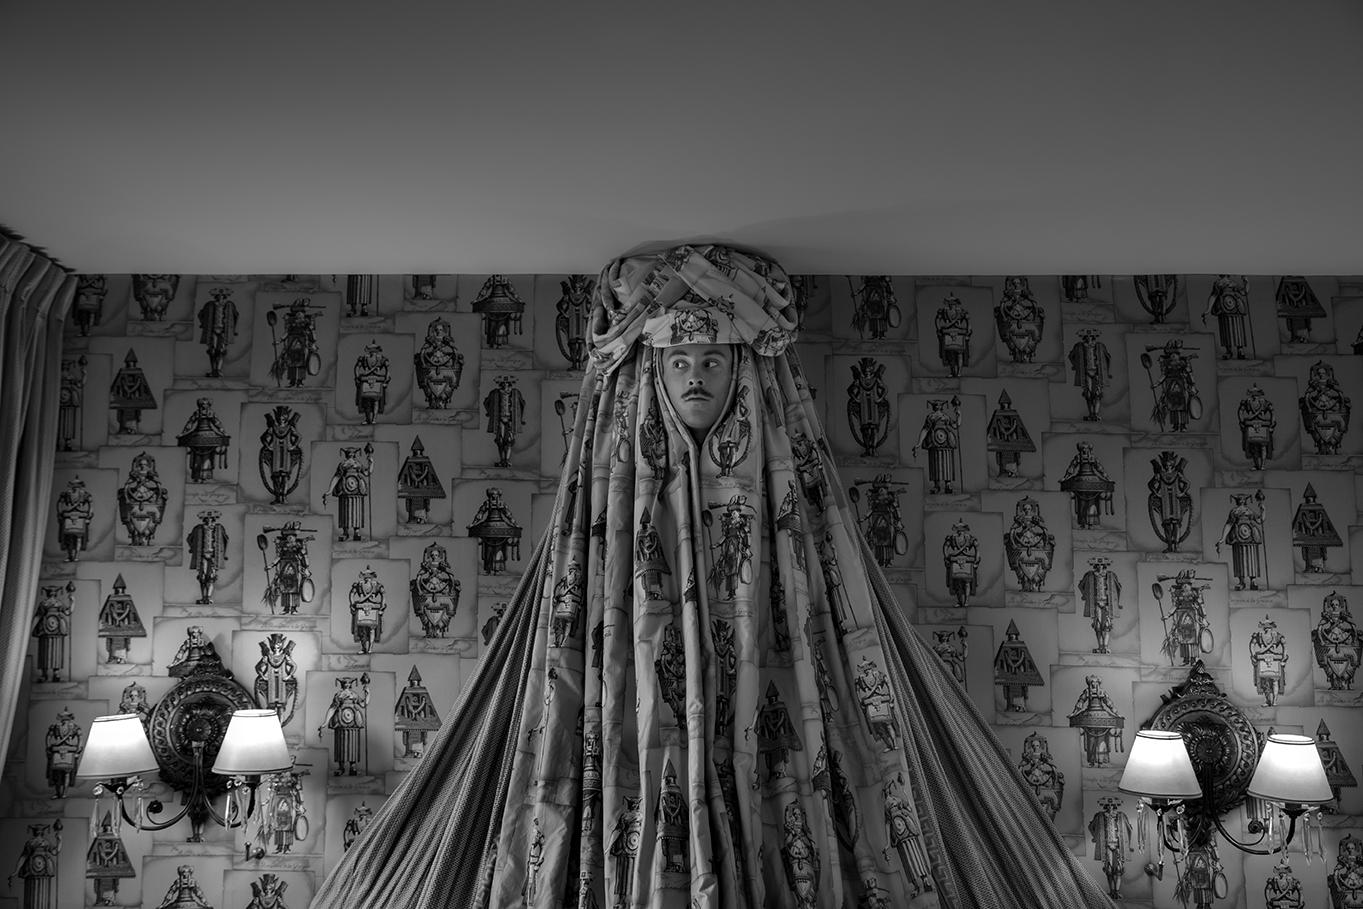 Title: Le ciel de lit, Hôtel des Grands Hommes - Panthéon, 50 x 75 cm, Inkjet print, 2014